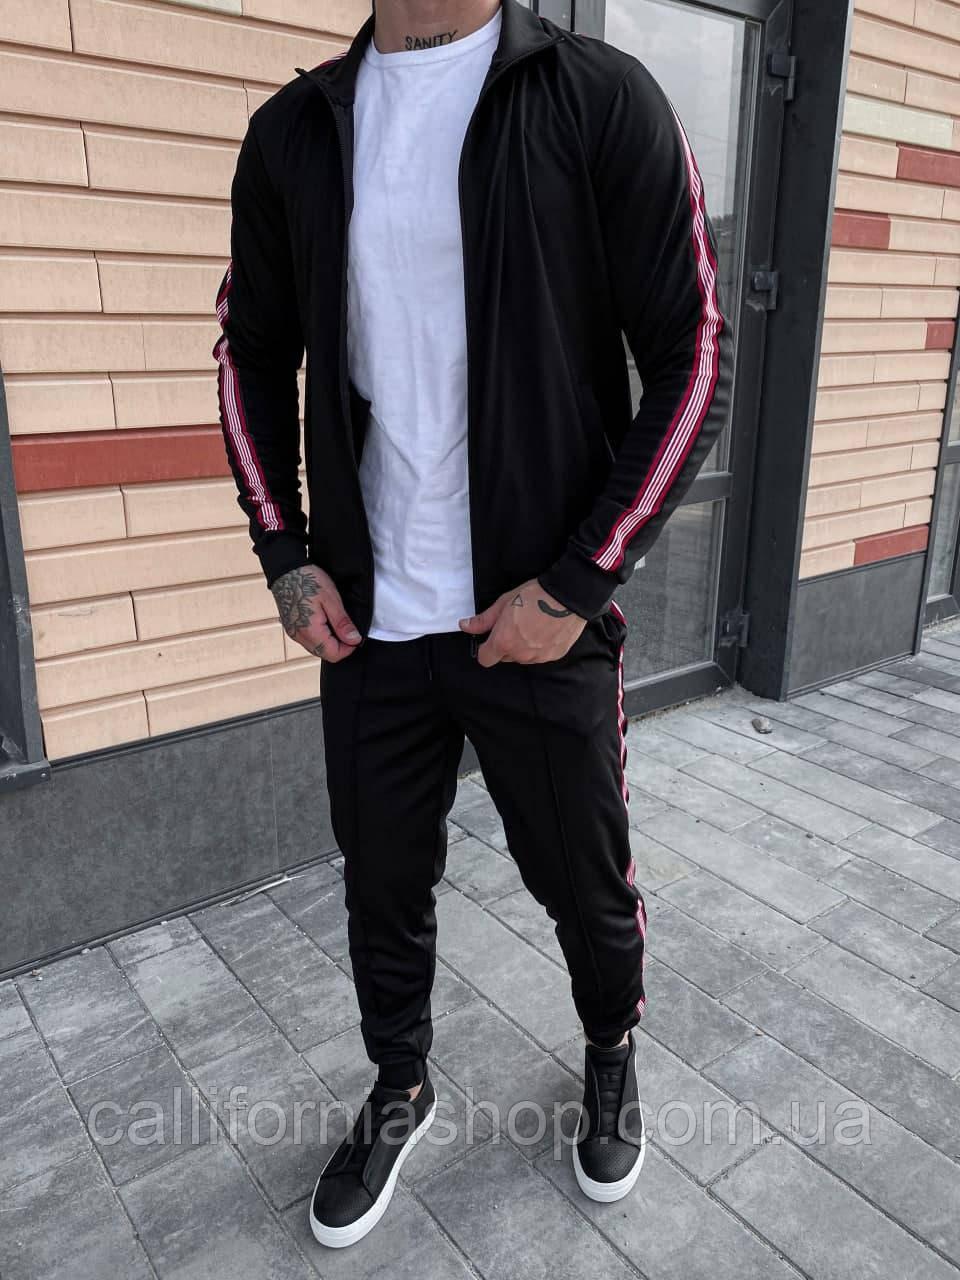 Спортивний чорний костюм чоловічий олімпійка + штани демісезонний з лампасами